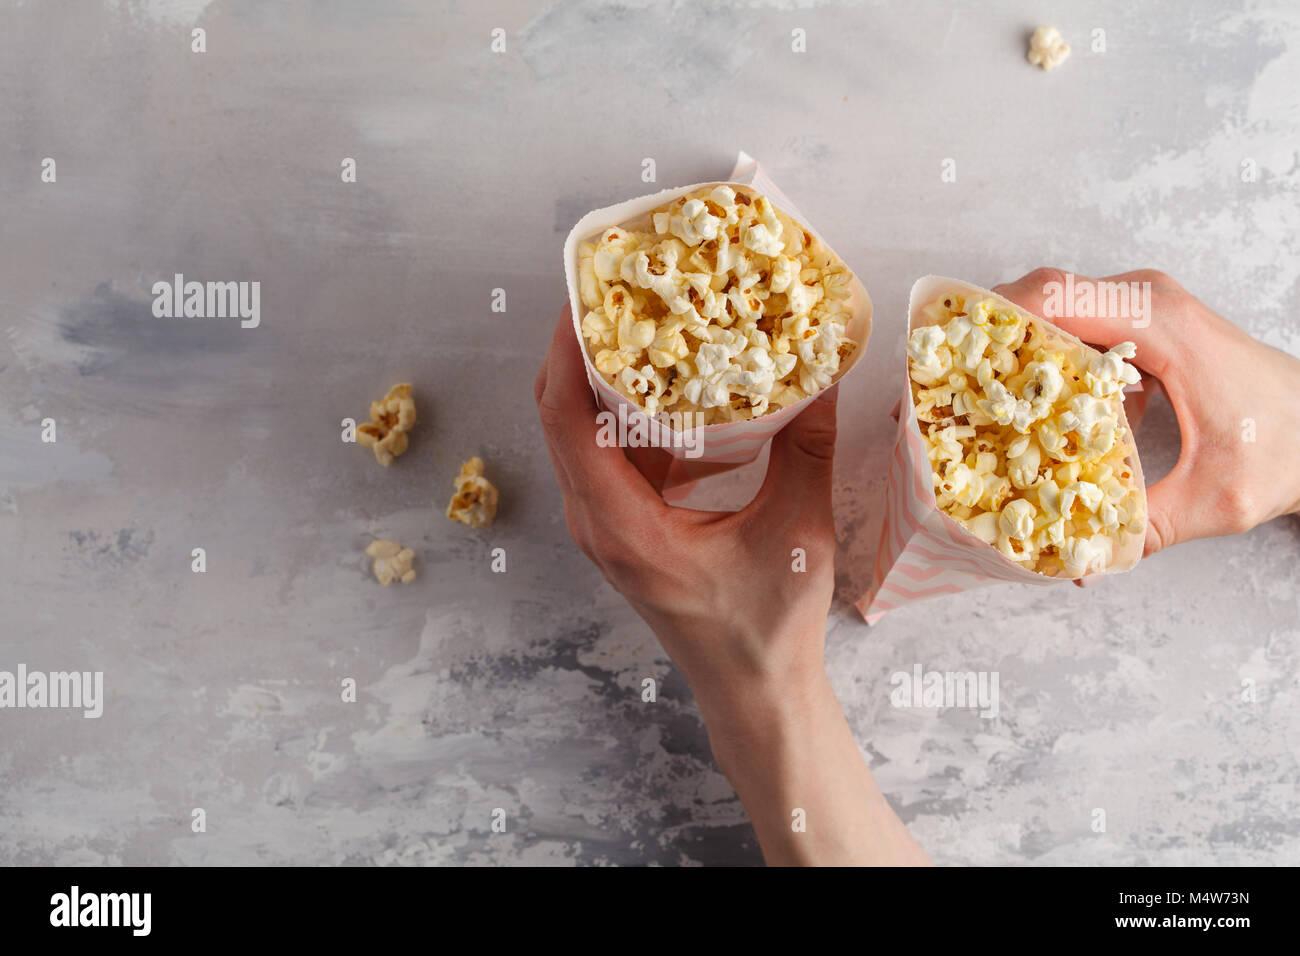 Pop corn caramel doré dans des sacs en papier dans les mains, vue d'en haut. Photo Stock